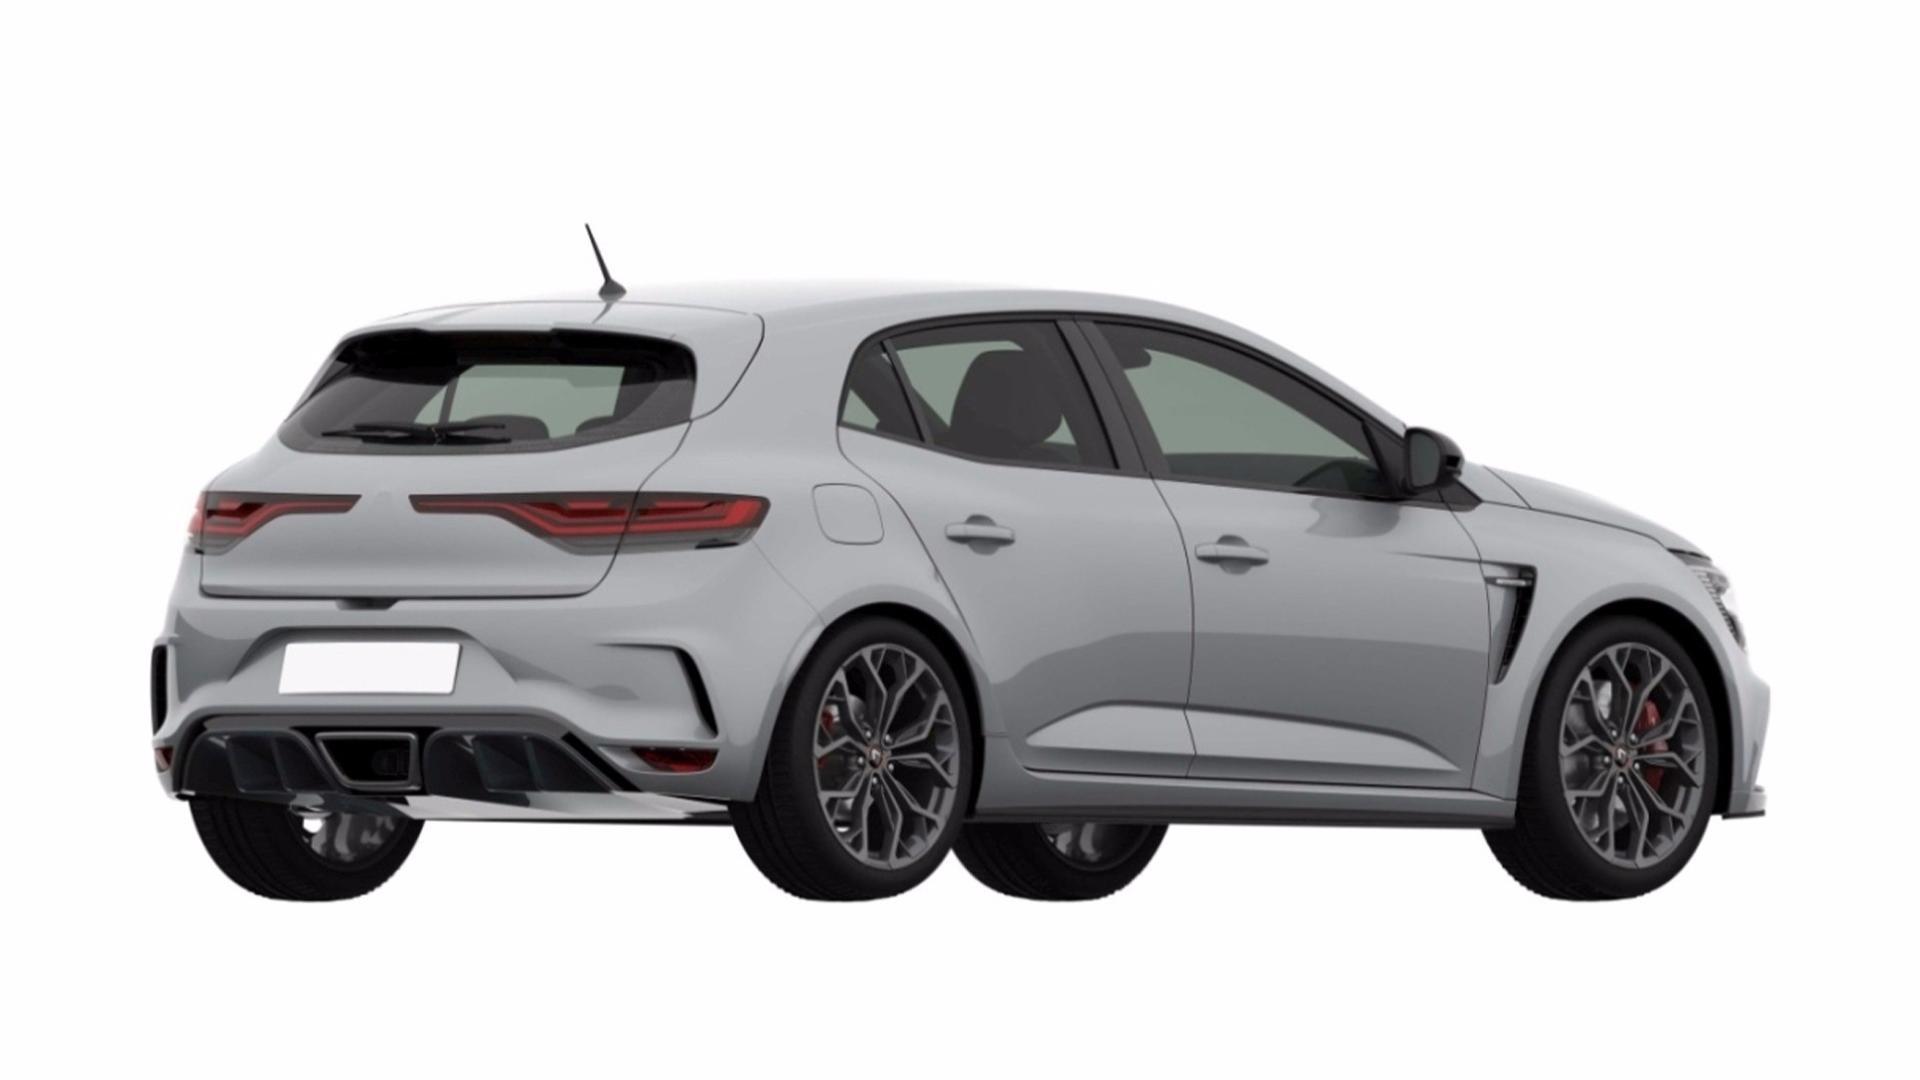 Renault Megane Rs 2018 Tem Visual Revelado Em Imagens De Patente